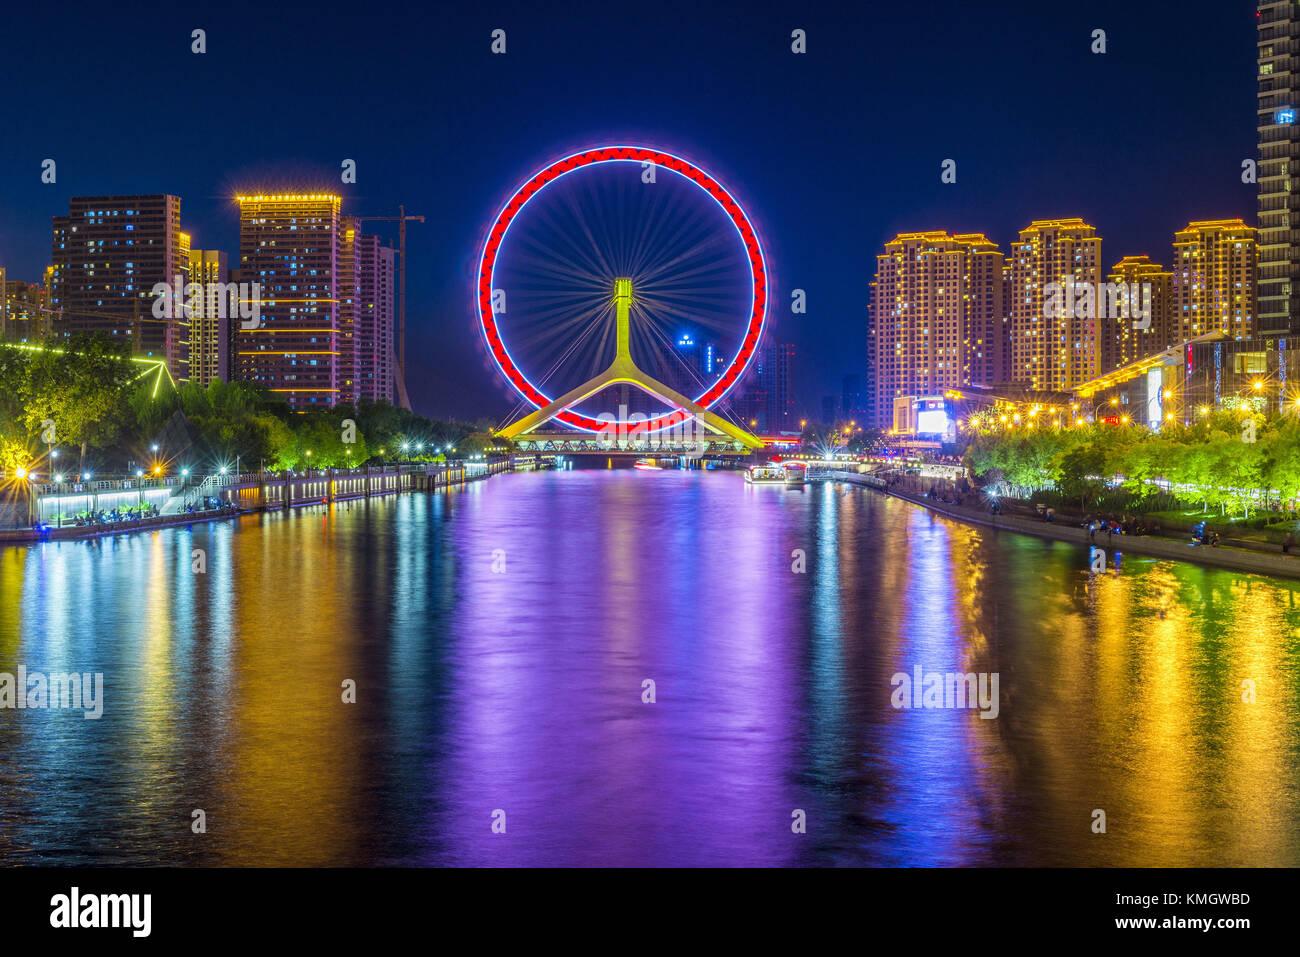 Tianjin, Tianjin, China. 8th Dec, 2017. The Tianjin Eye is a 120-metre (394 ft) tall giant Ferris wheel built above - Stock Image